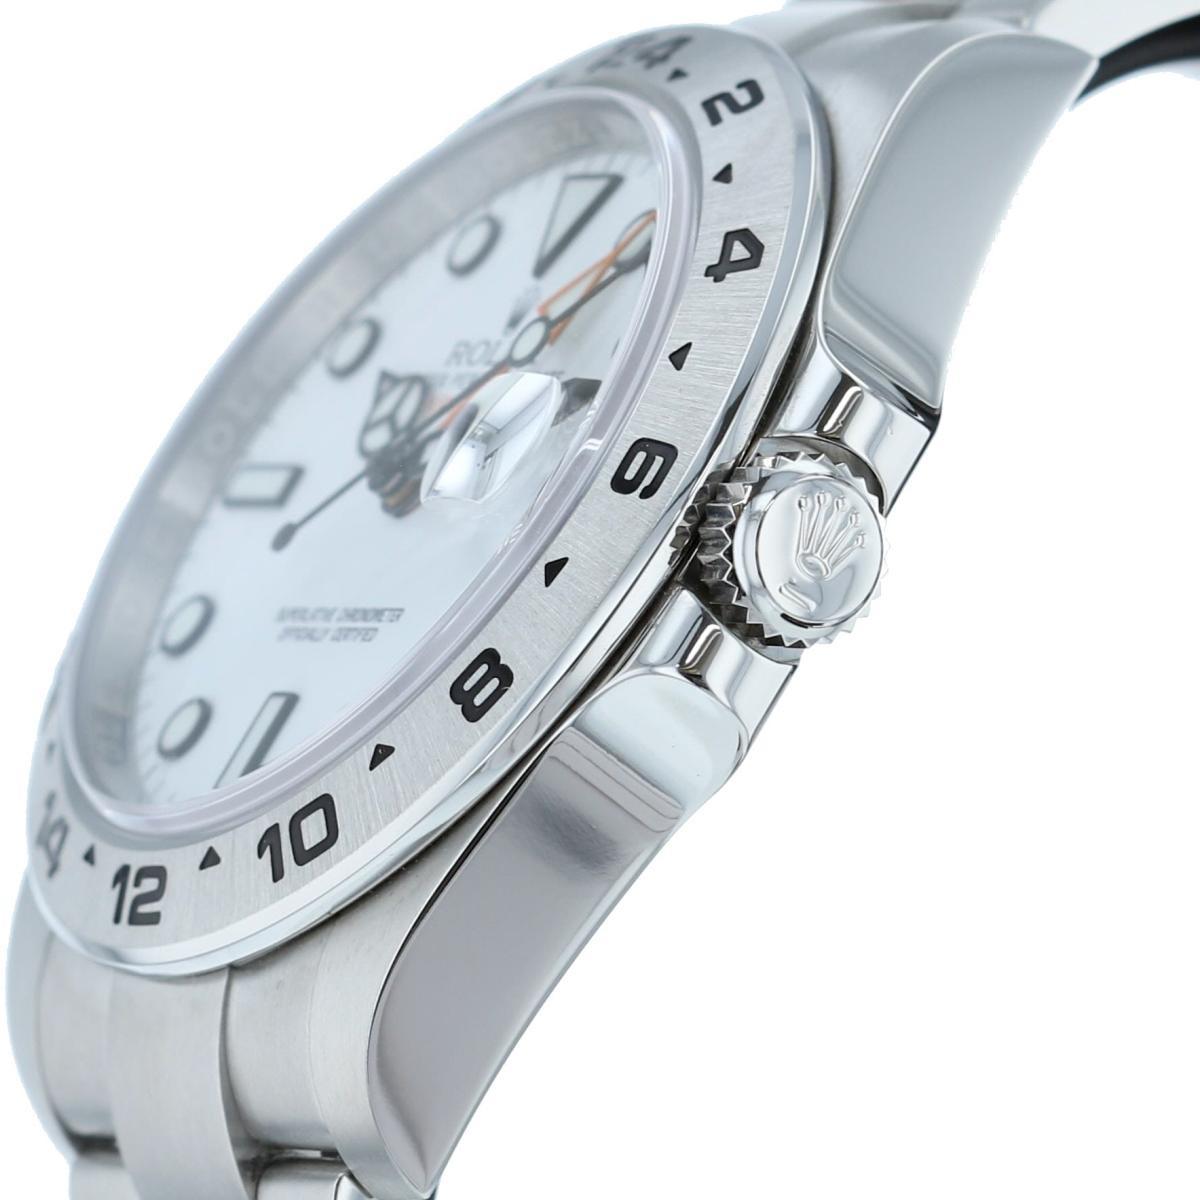 【中古】ROLEX ロレックス エクスプローラーII White 時計 自動巻き/メンズ EXPLORER� White/ホワイト 216570 ランダム番 used:A